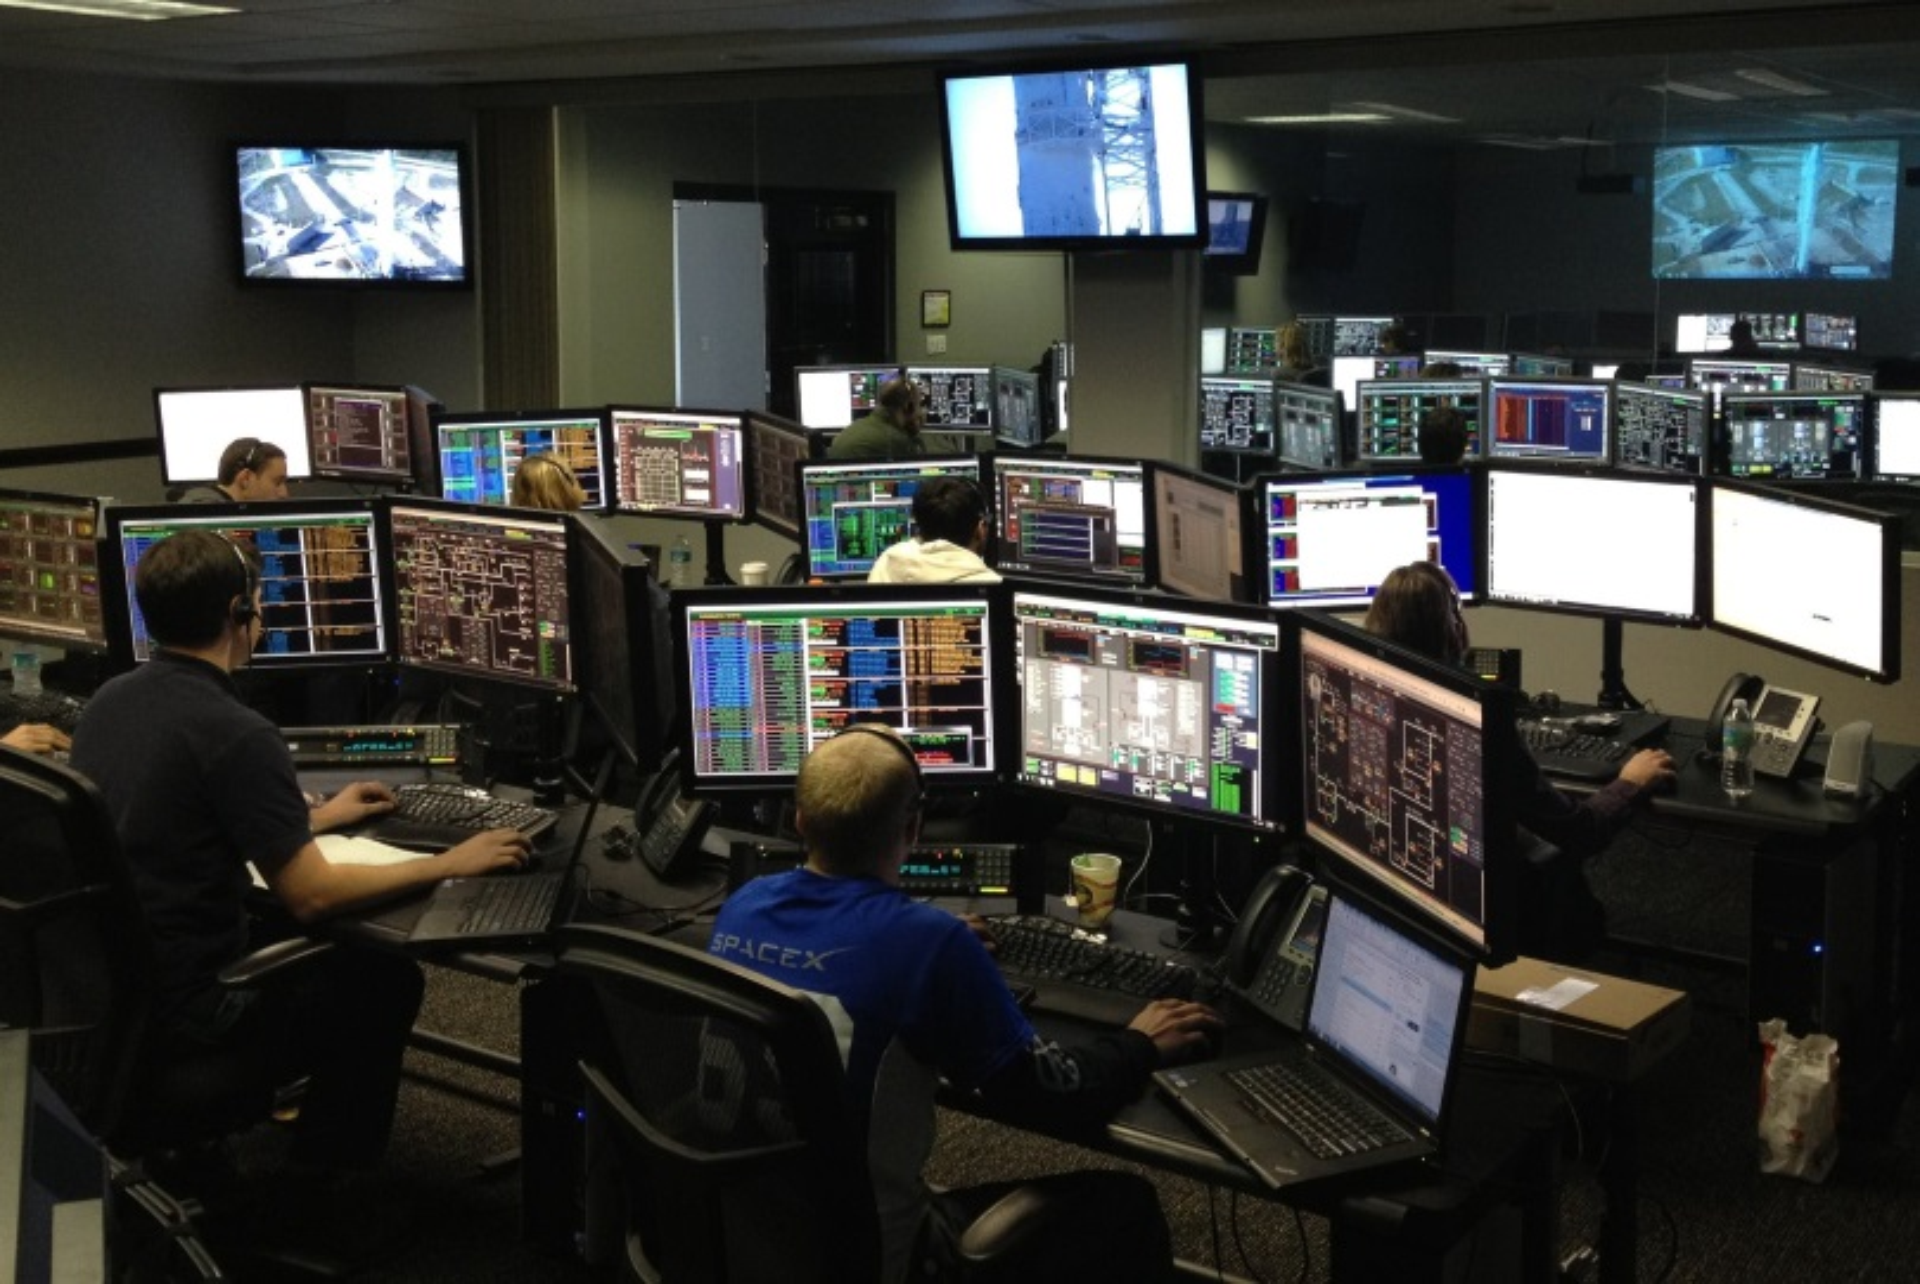 Collegare 3 monitor finestre 7